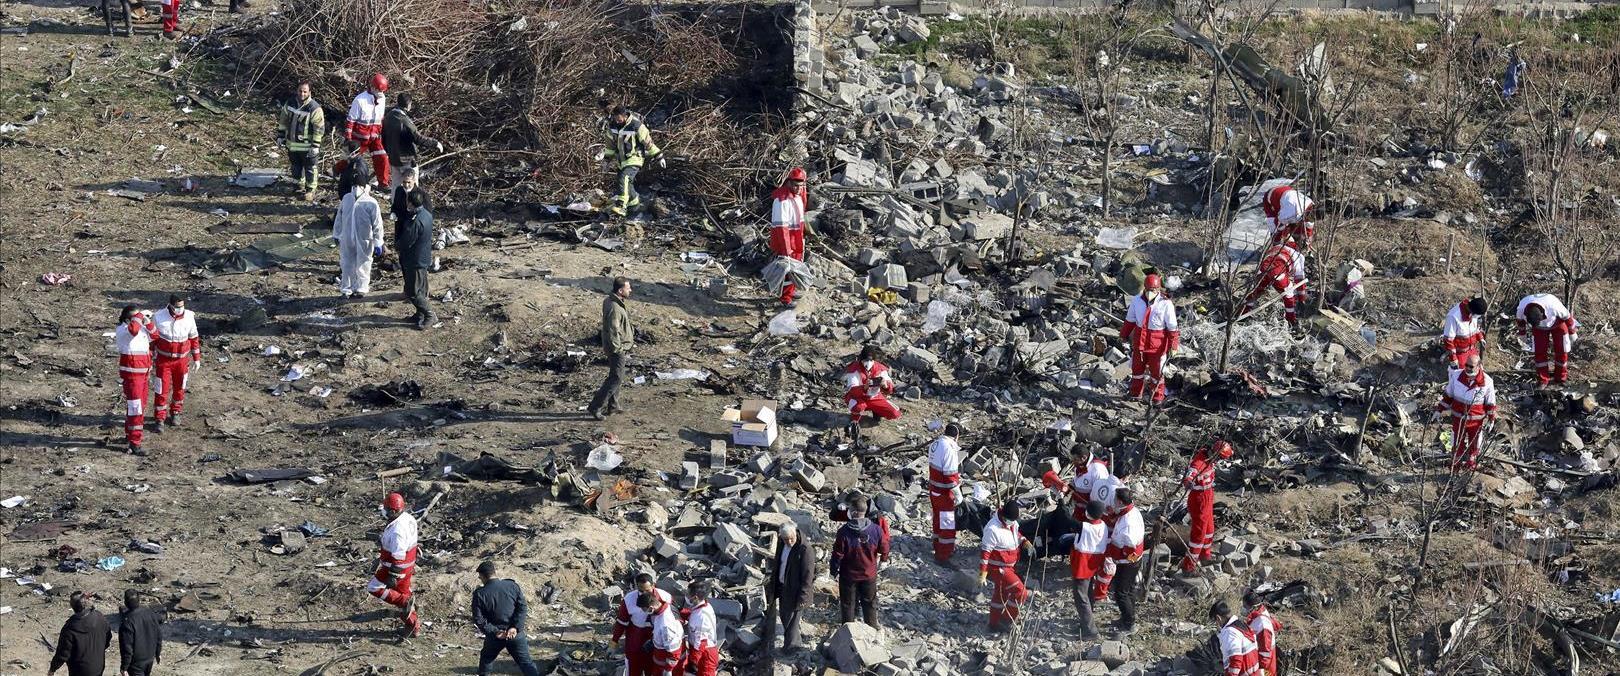 זירת התרסקות המטוס באיראן, השבוע